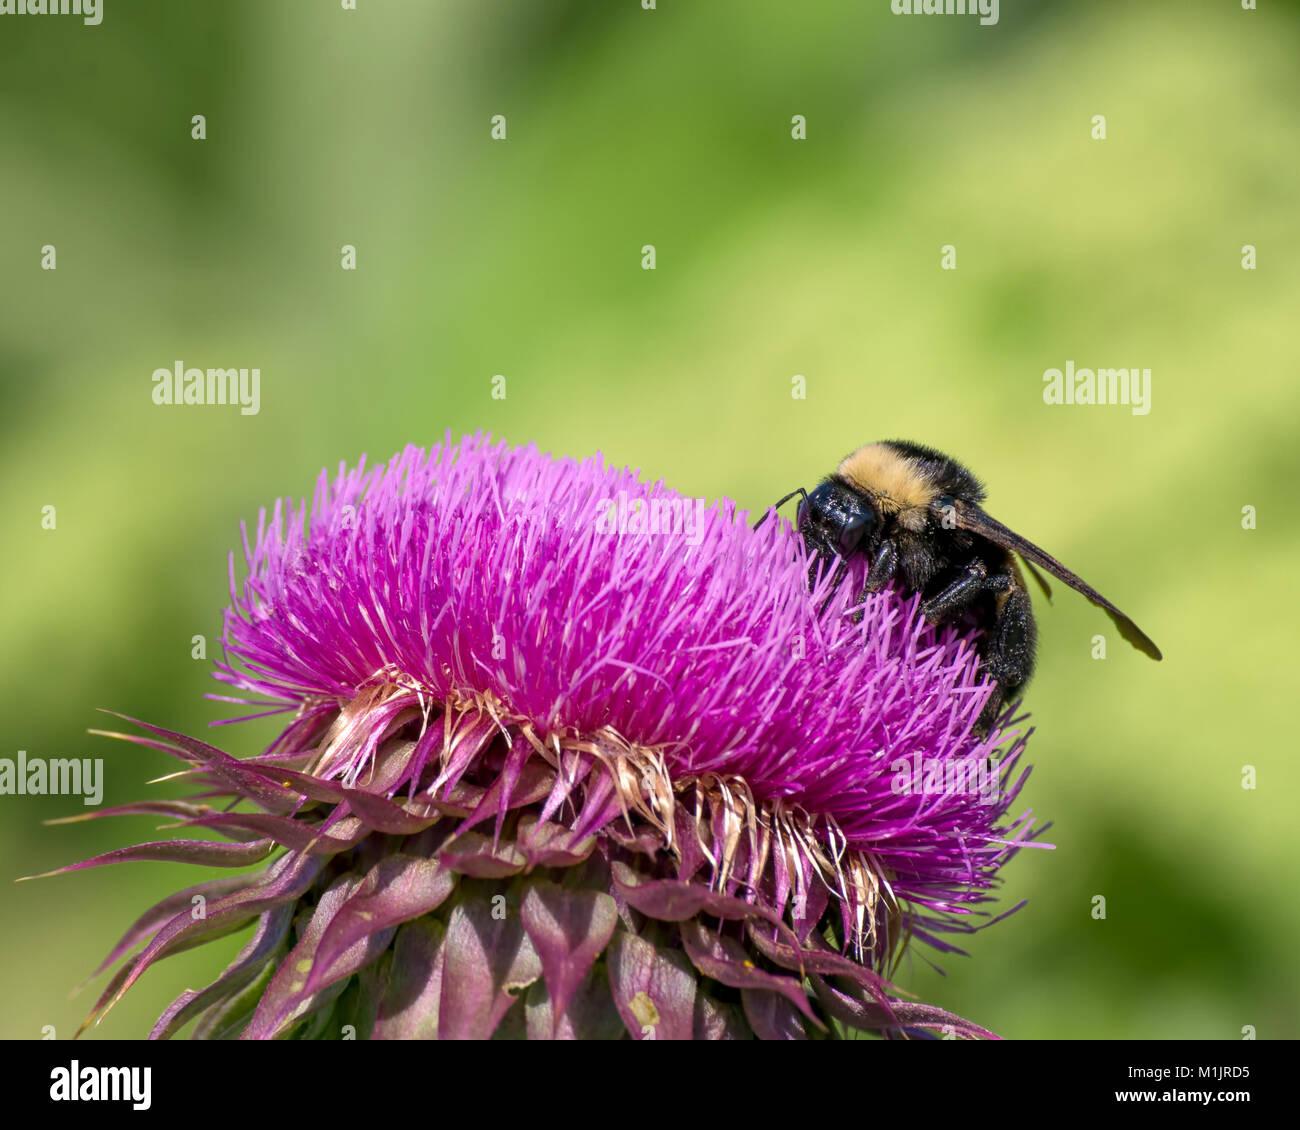 American Bumblebee on thistle - Stock Image